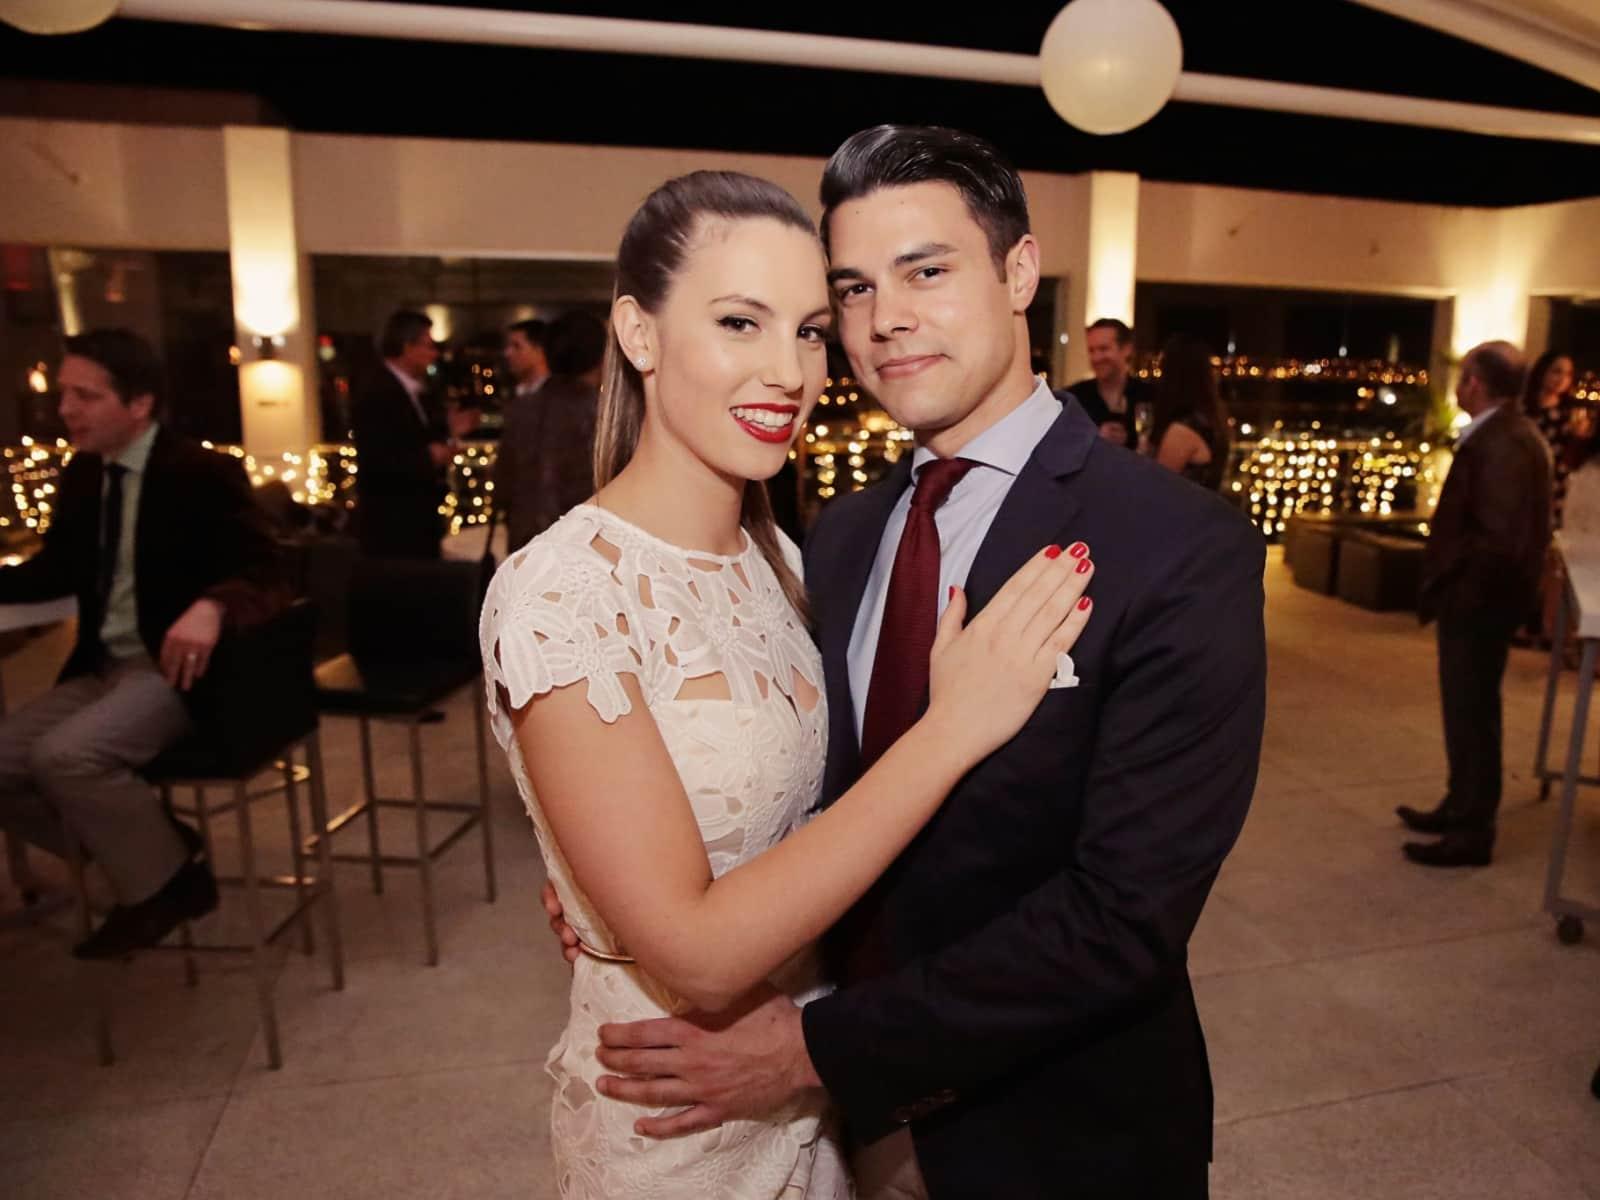 Kirsten & sean & Sean from Auckland, New Zealand